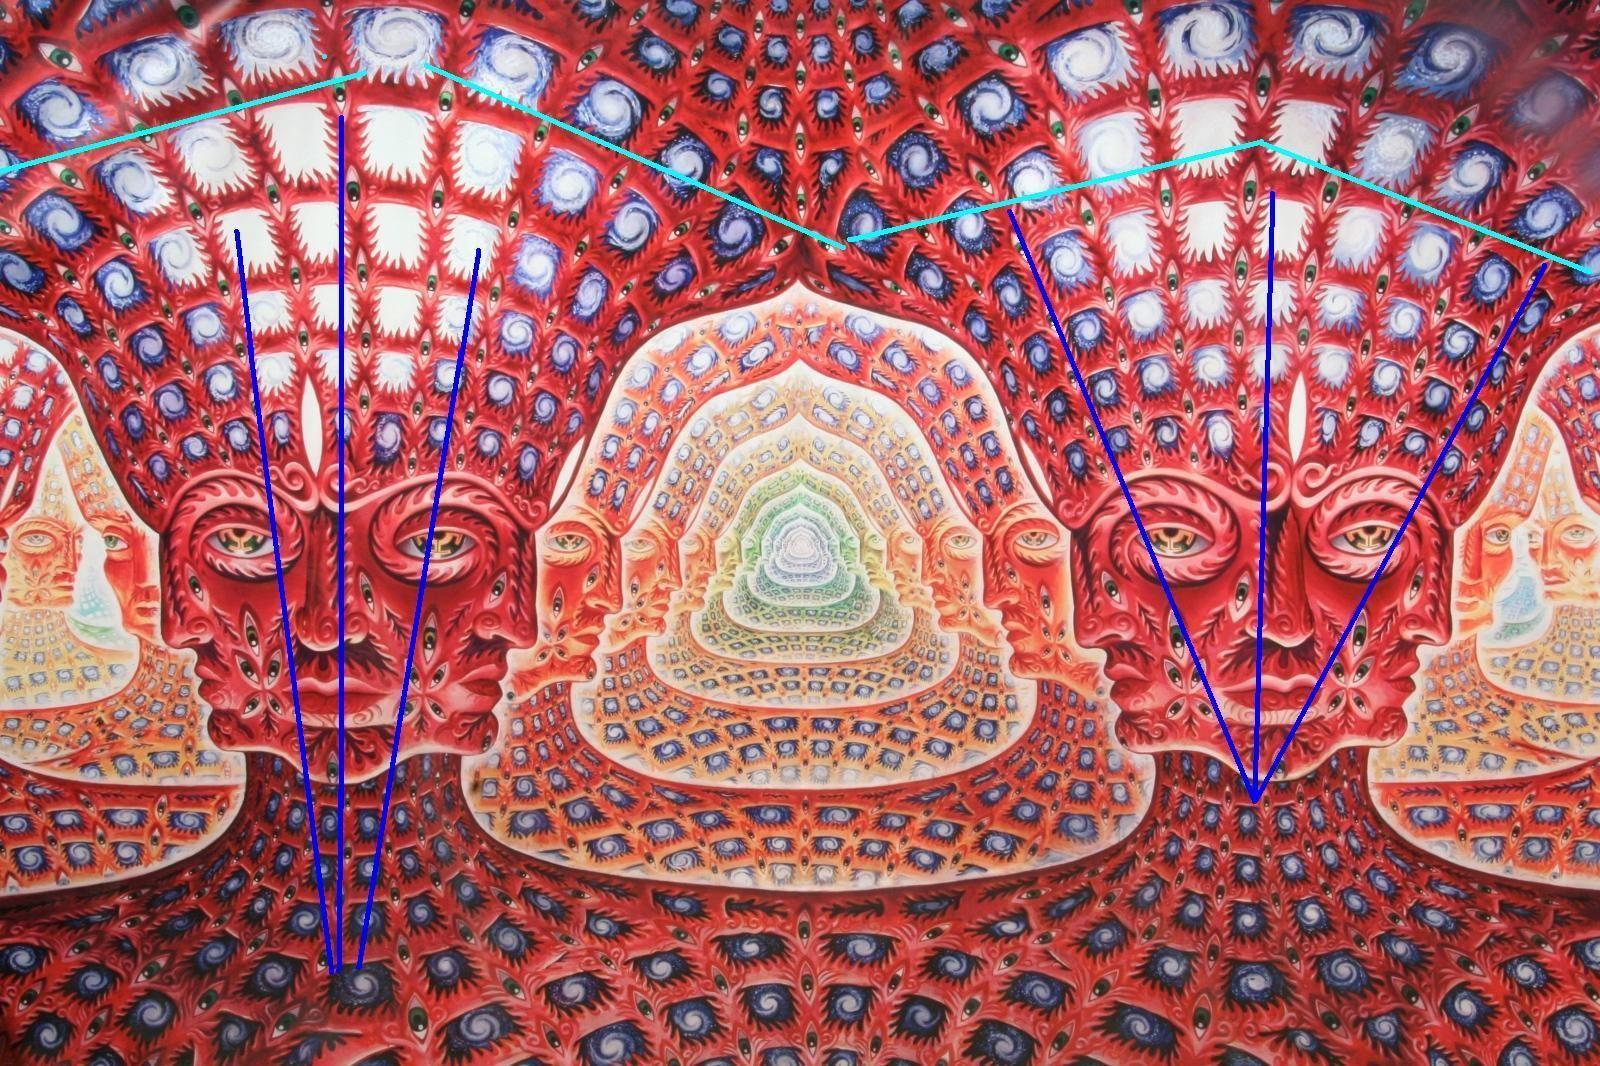 1080P HD Wallpaper Trippy Trippy Buddhist Wallpaper HD